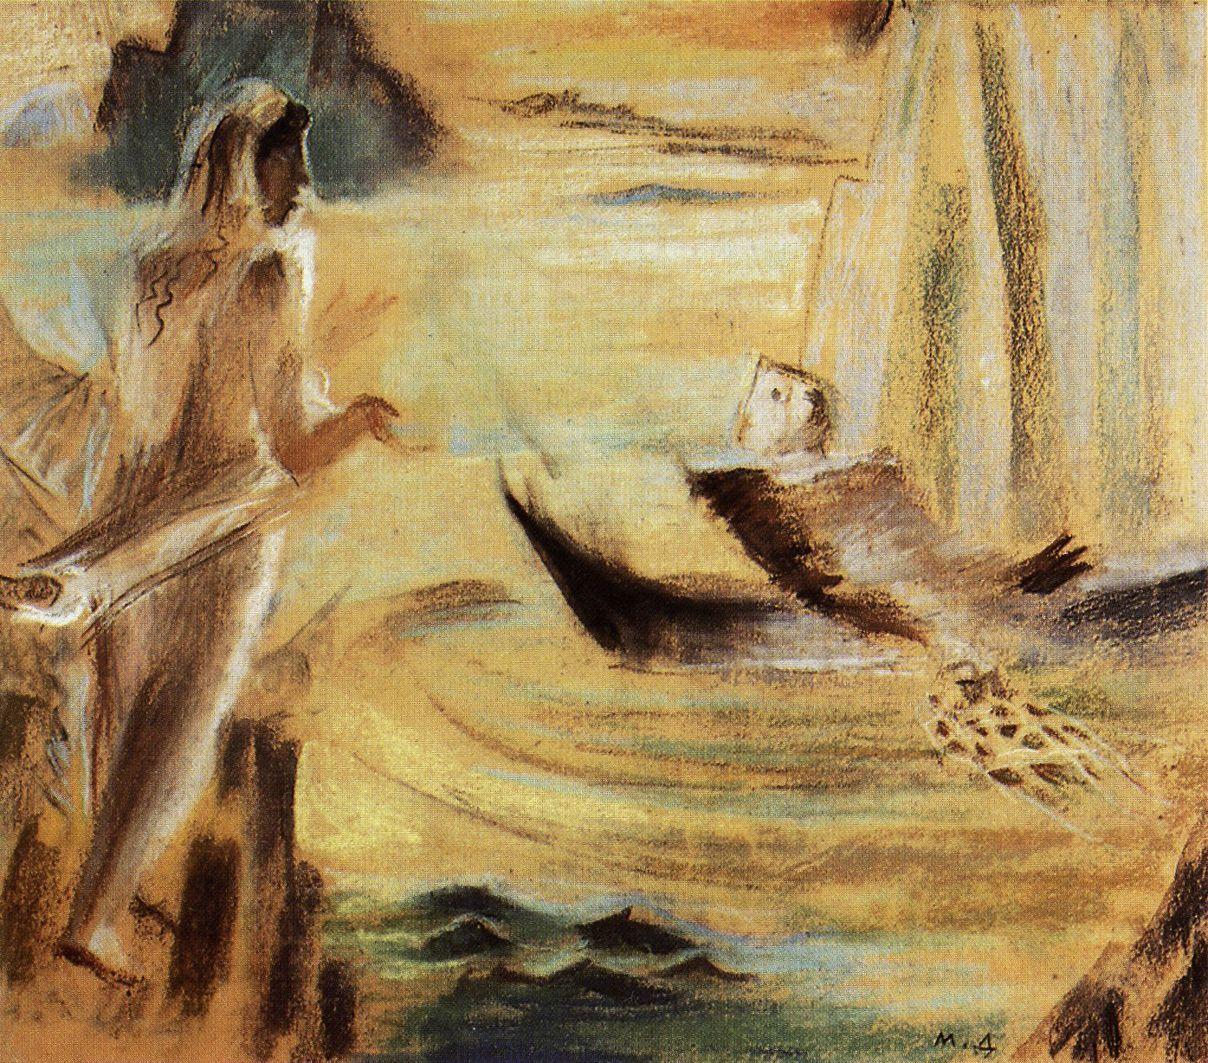 Марія Дольницька. Між Сціллою і Харибдою, 1930. Папір, пастель